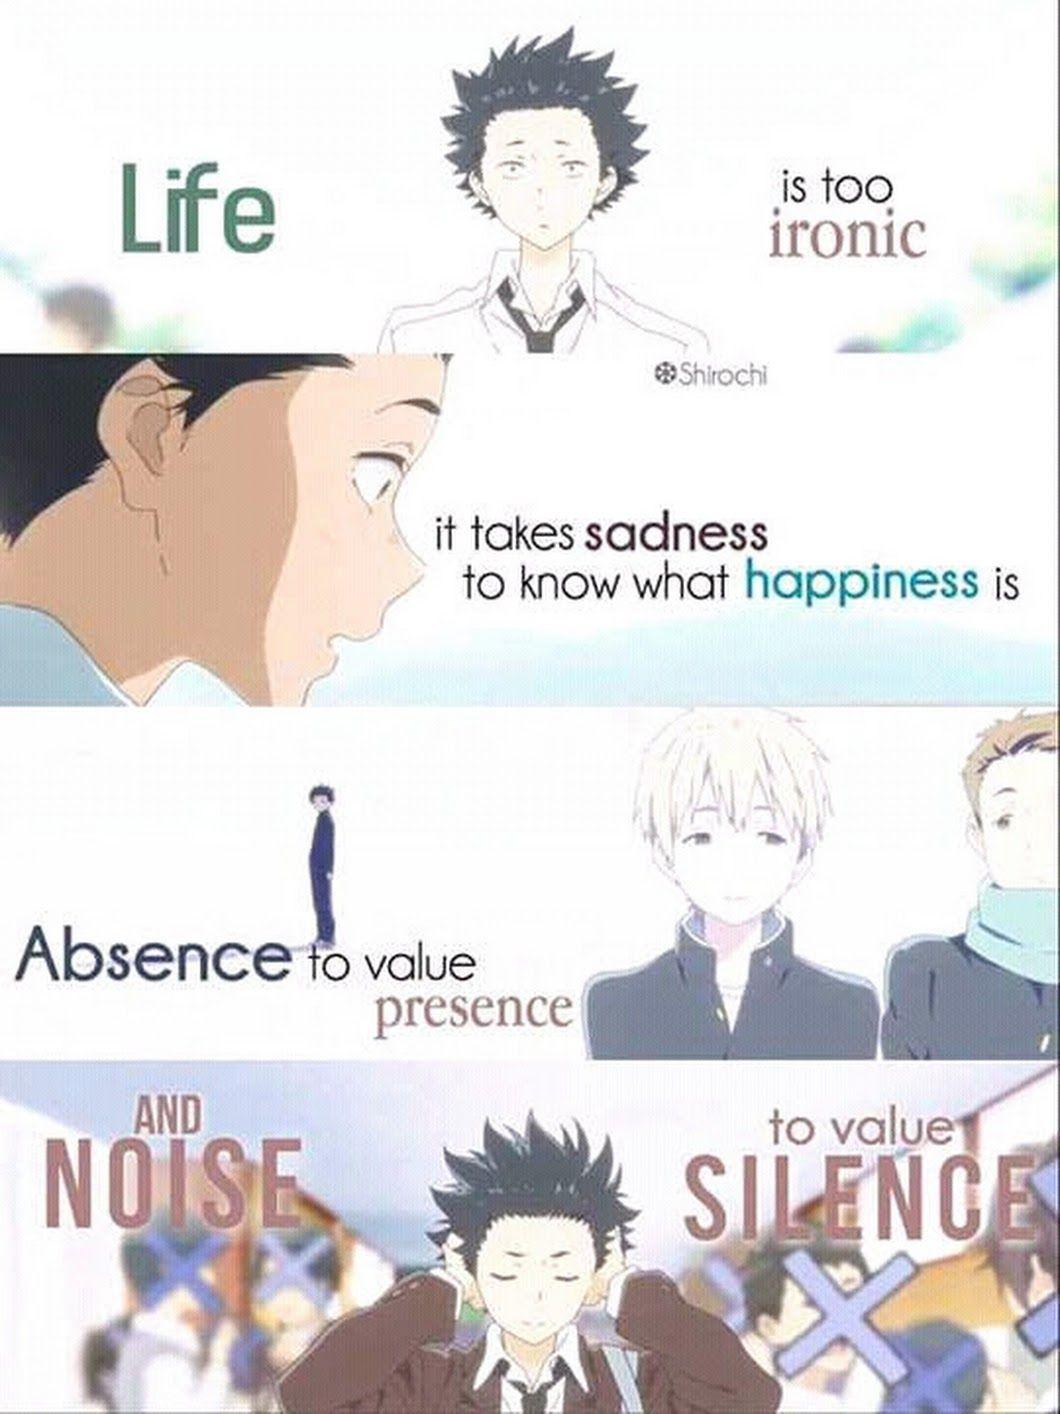 La vida es muy irónica. Utiliza la tristeza para saber